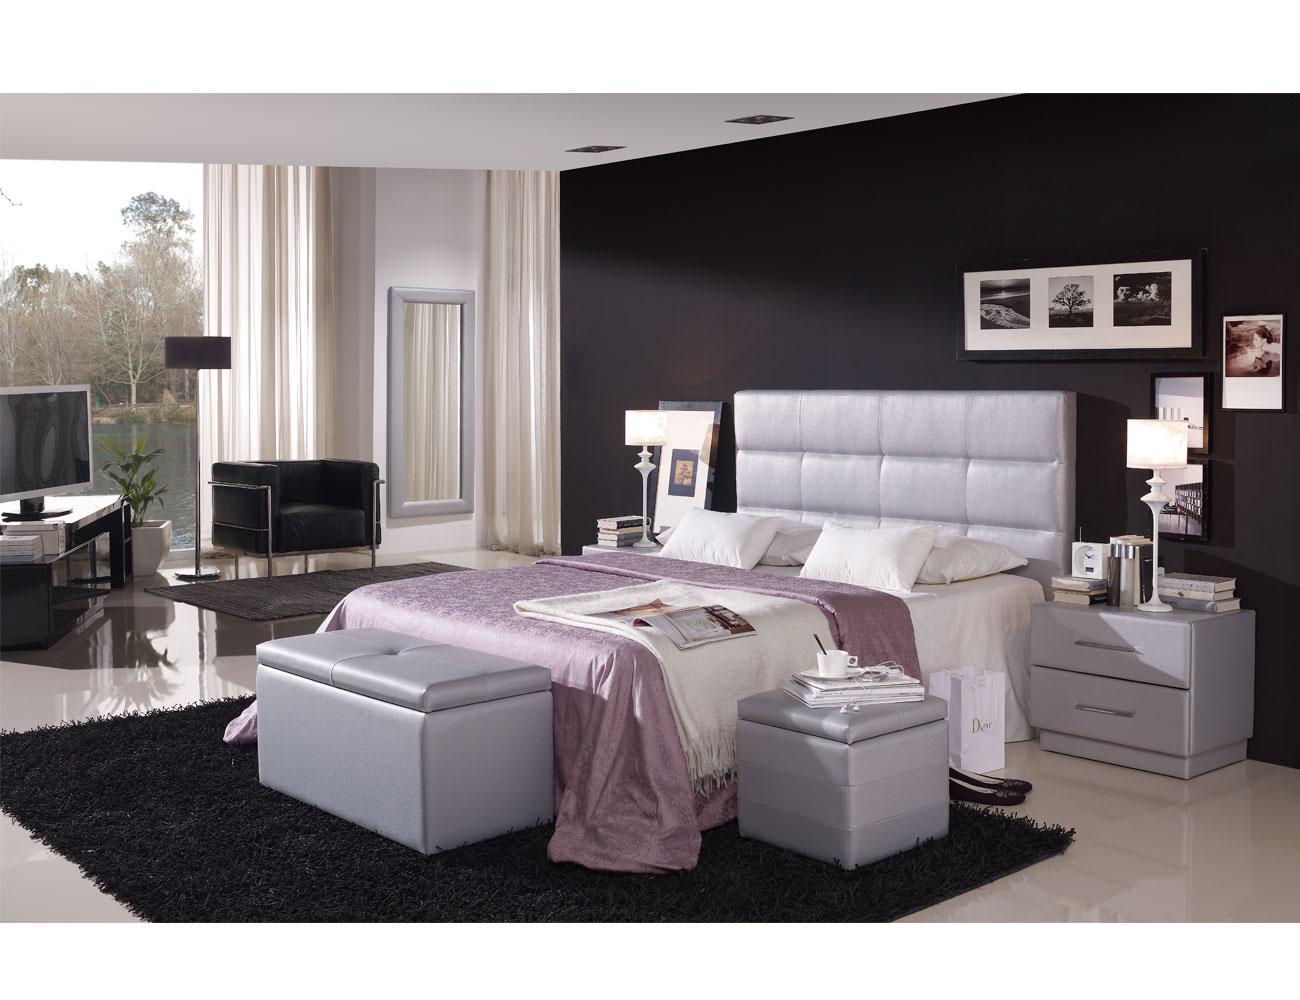 86 pie cama cuadros dormitorio 95